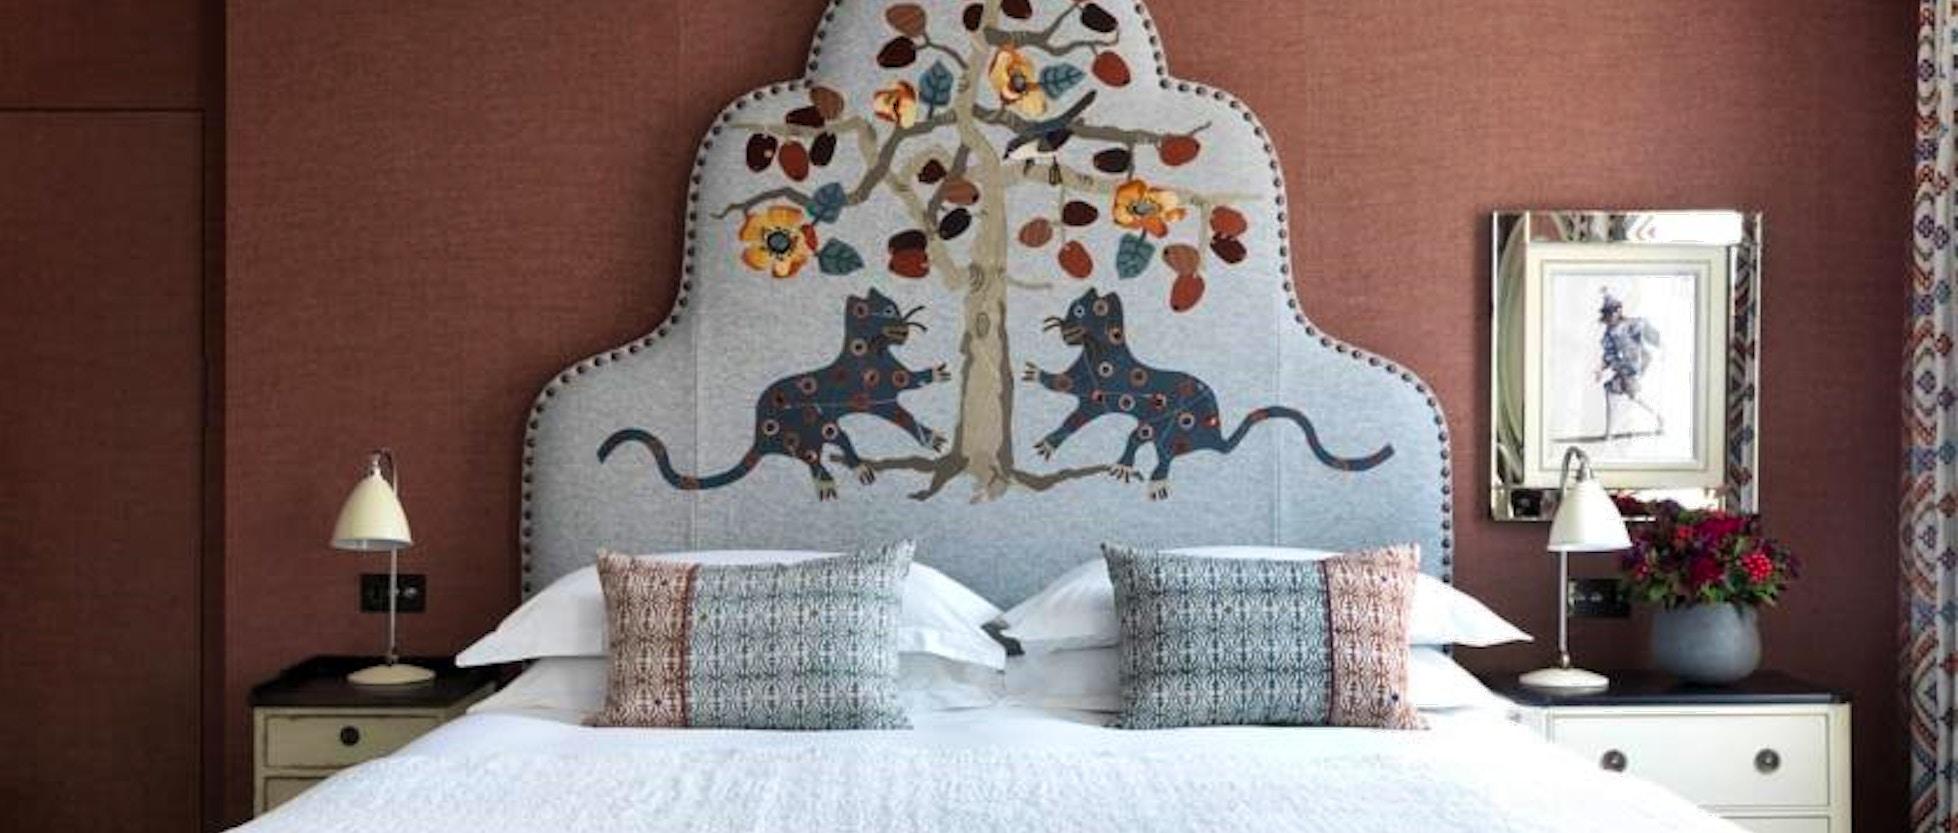 hotel per un weekend romantico a londra | vivi londra - Soggiorno Romantico Particolare 2